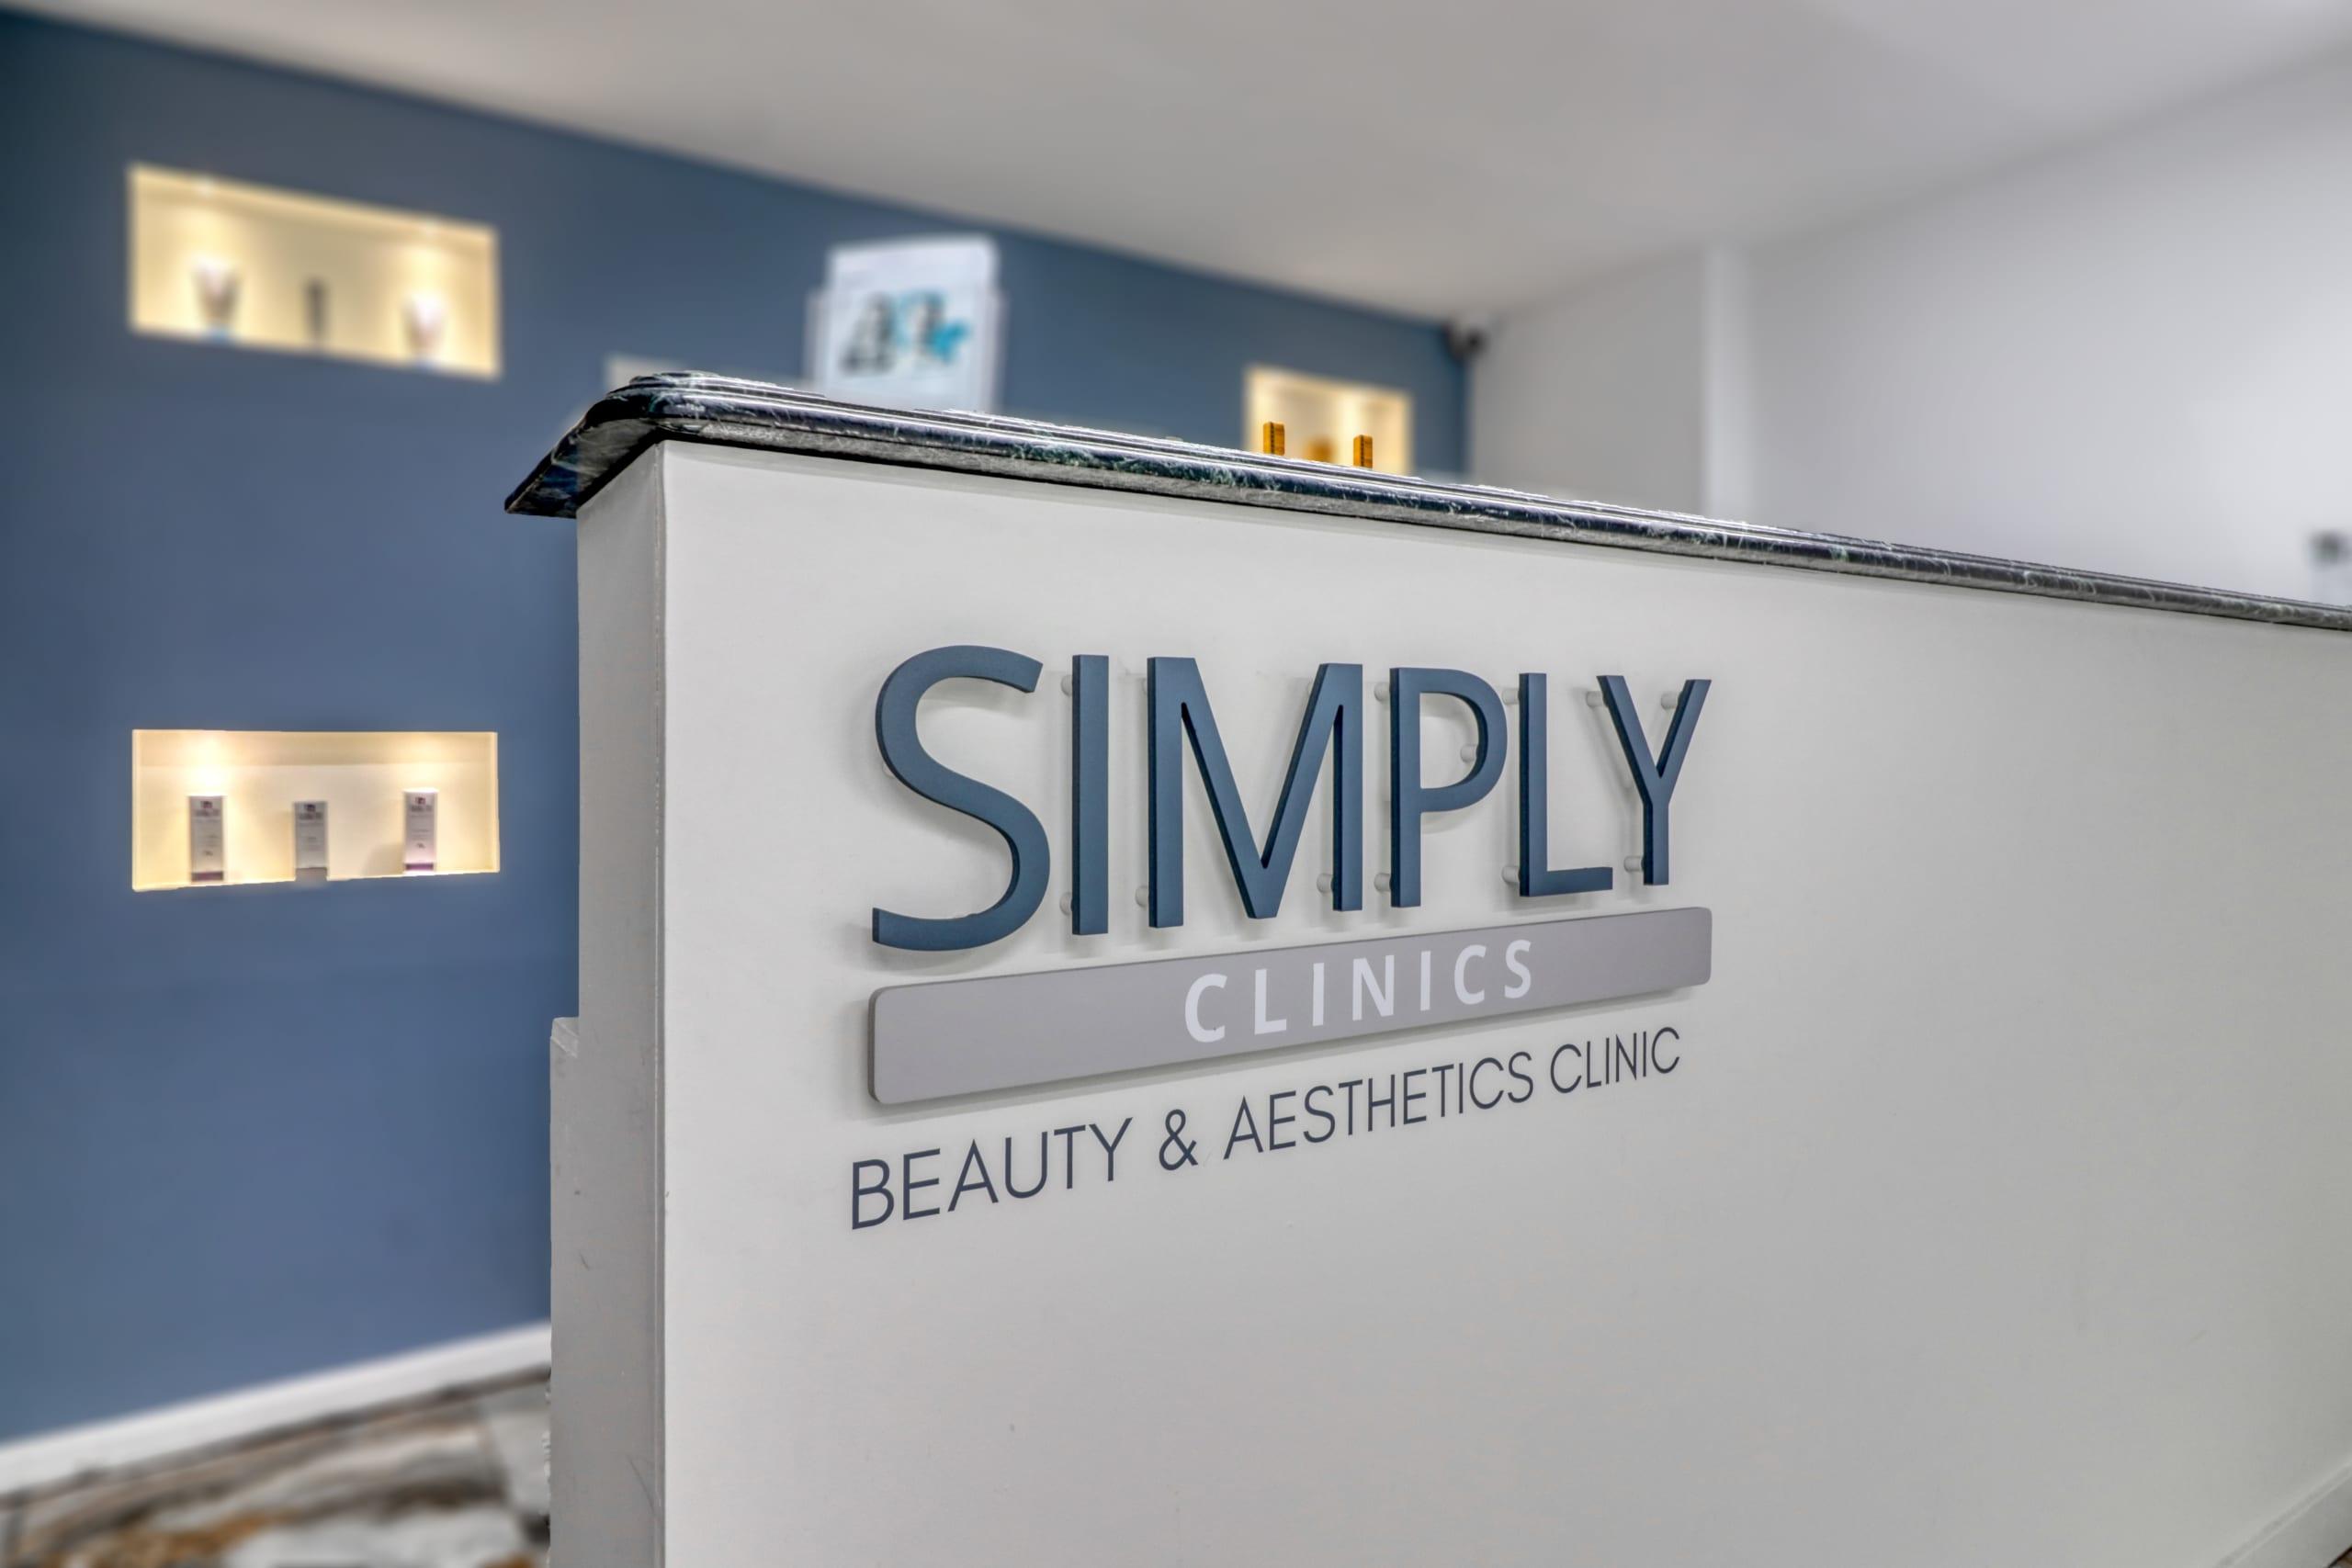 Simply Clinics reception area